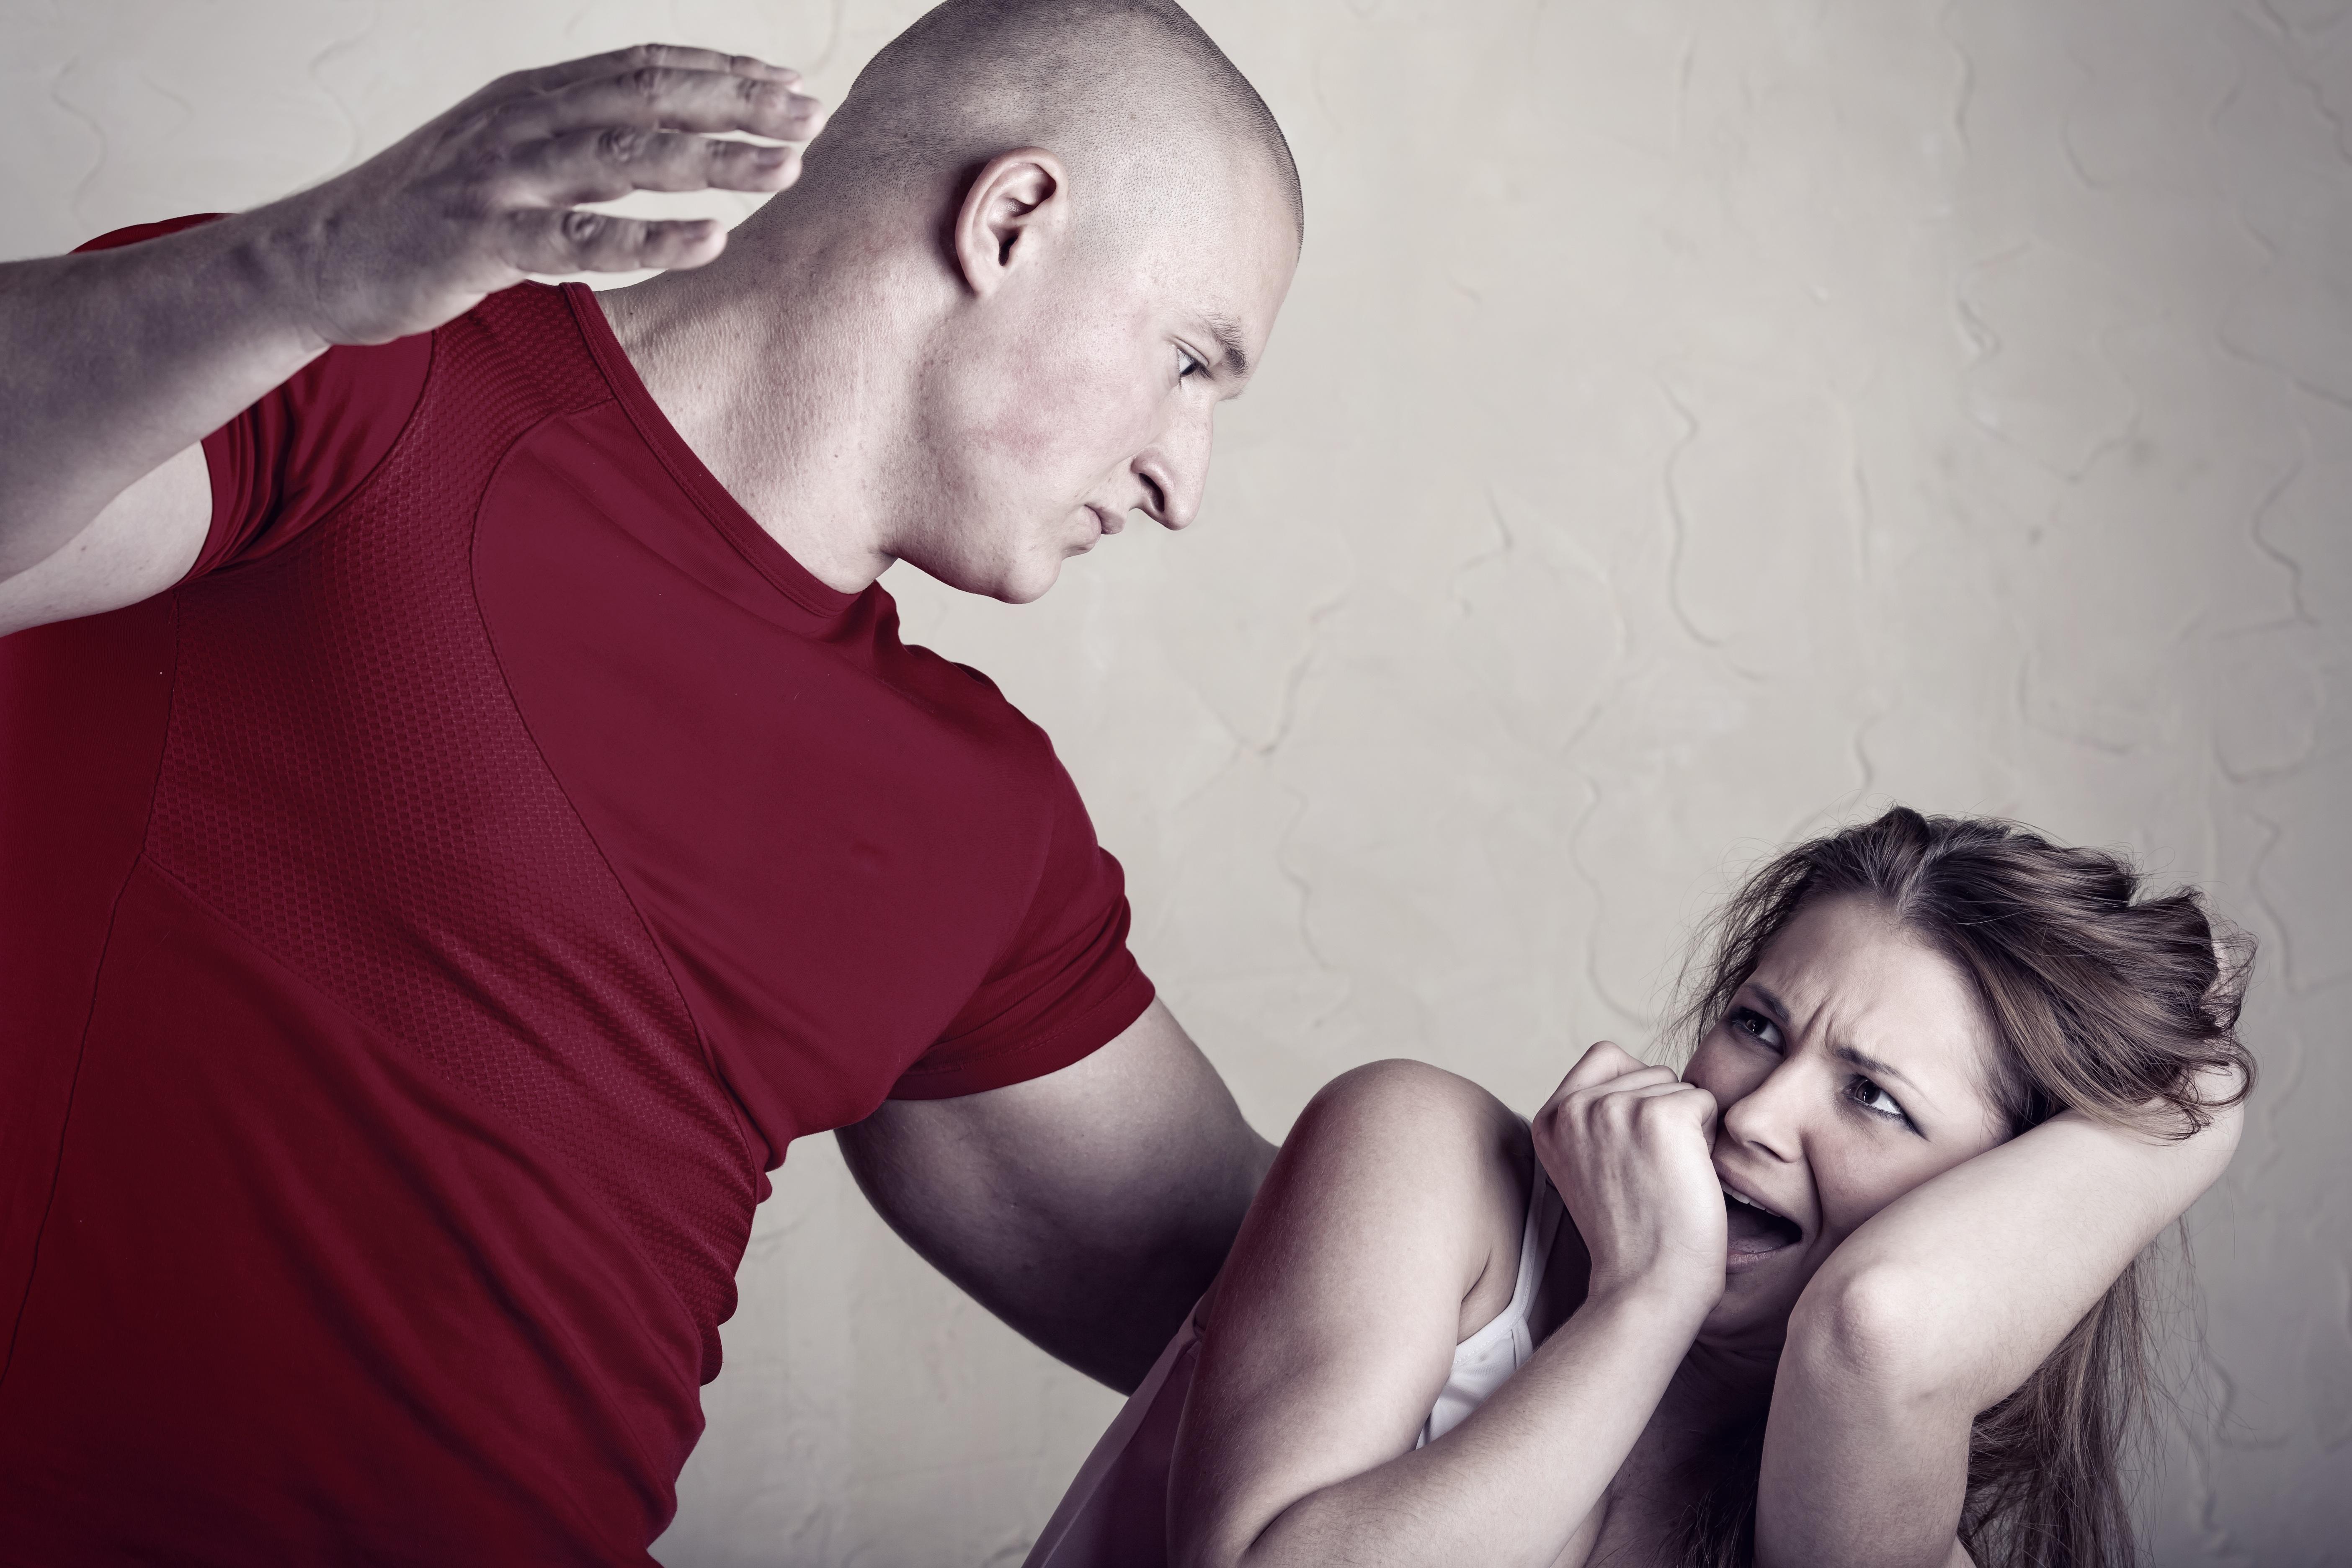 Унижение мужчины женщиной фото 12 фотография